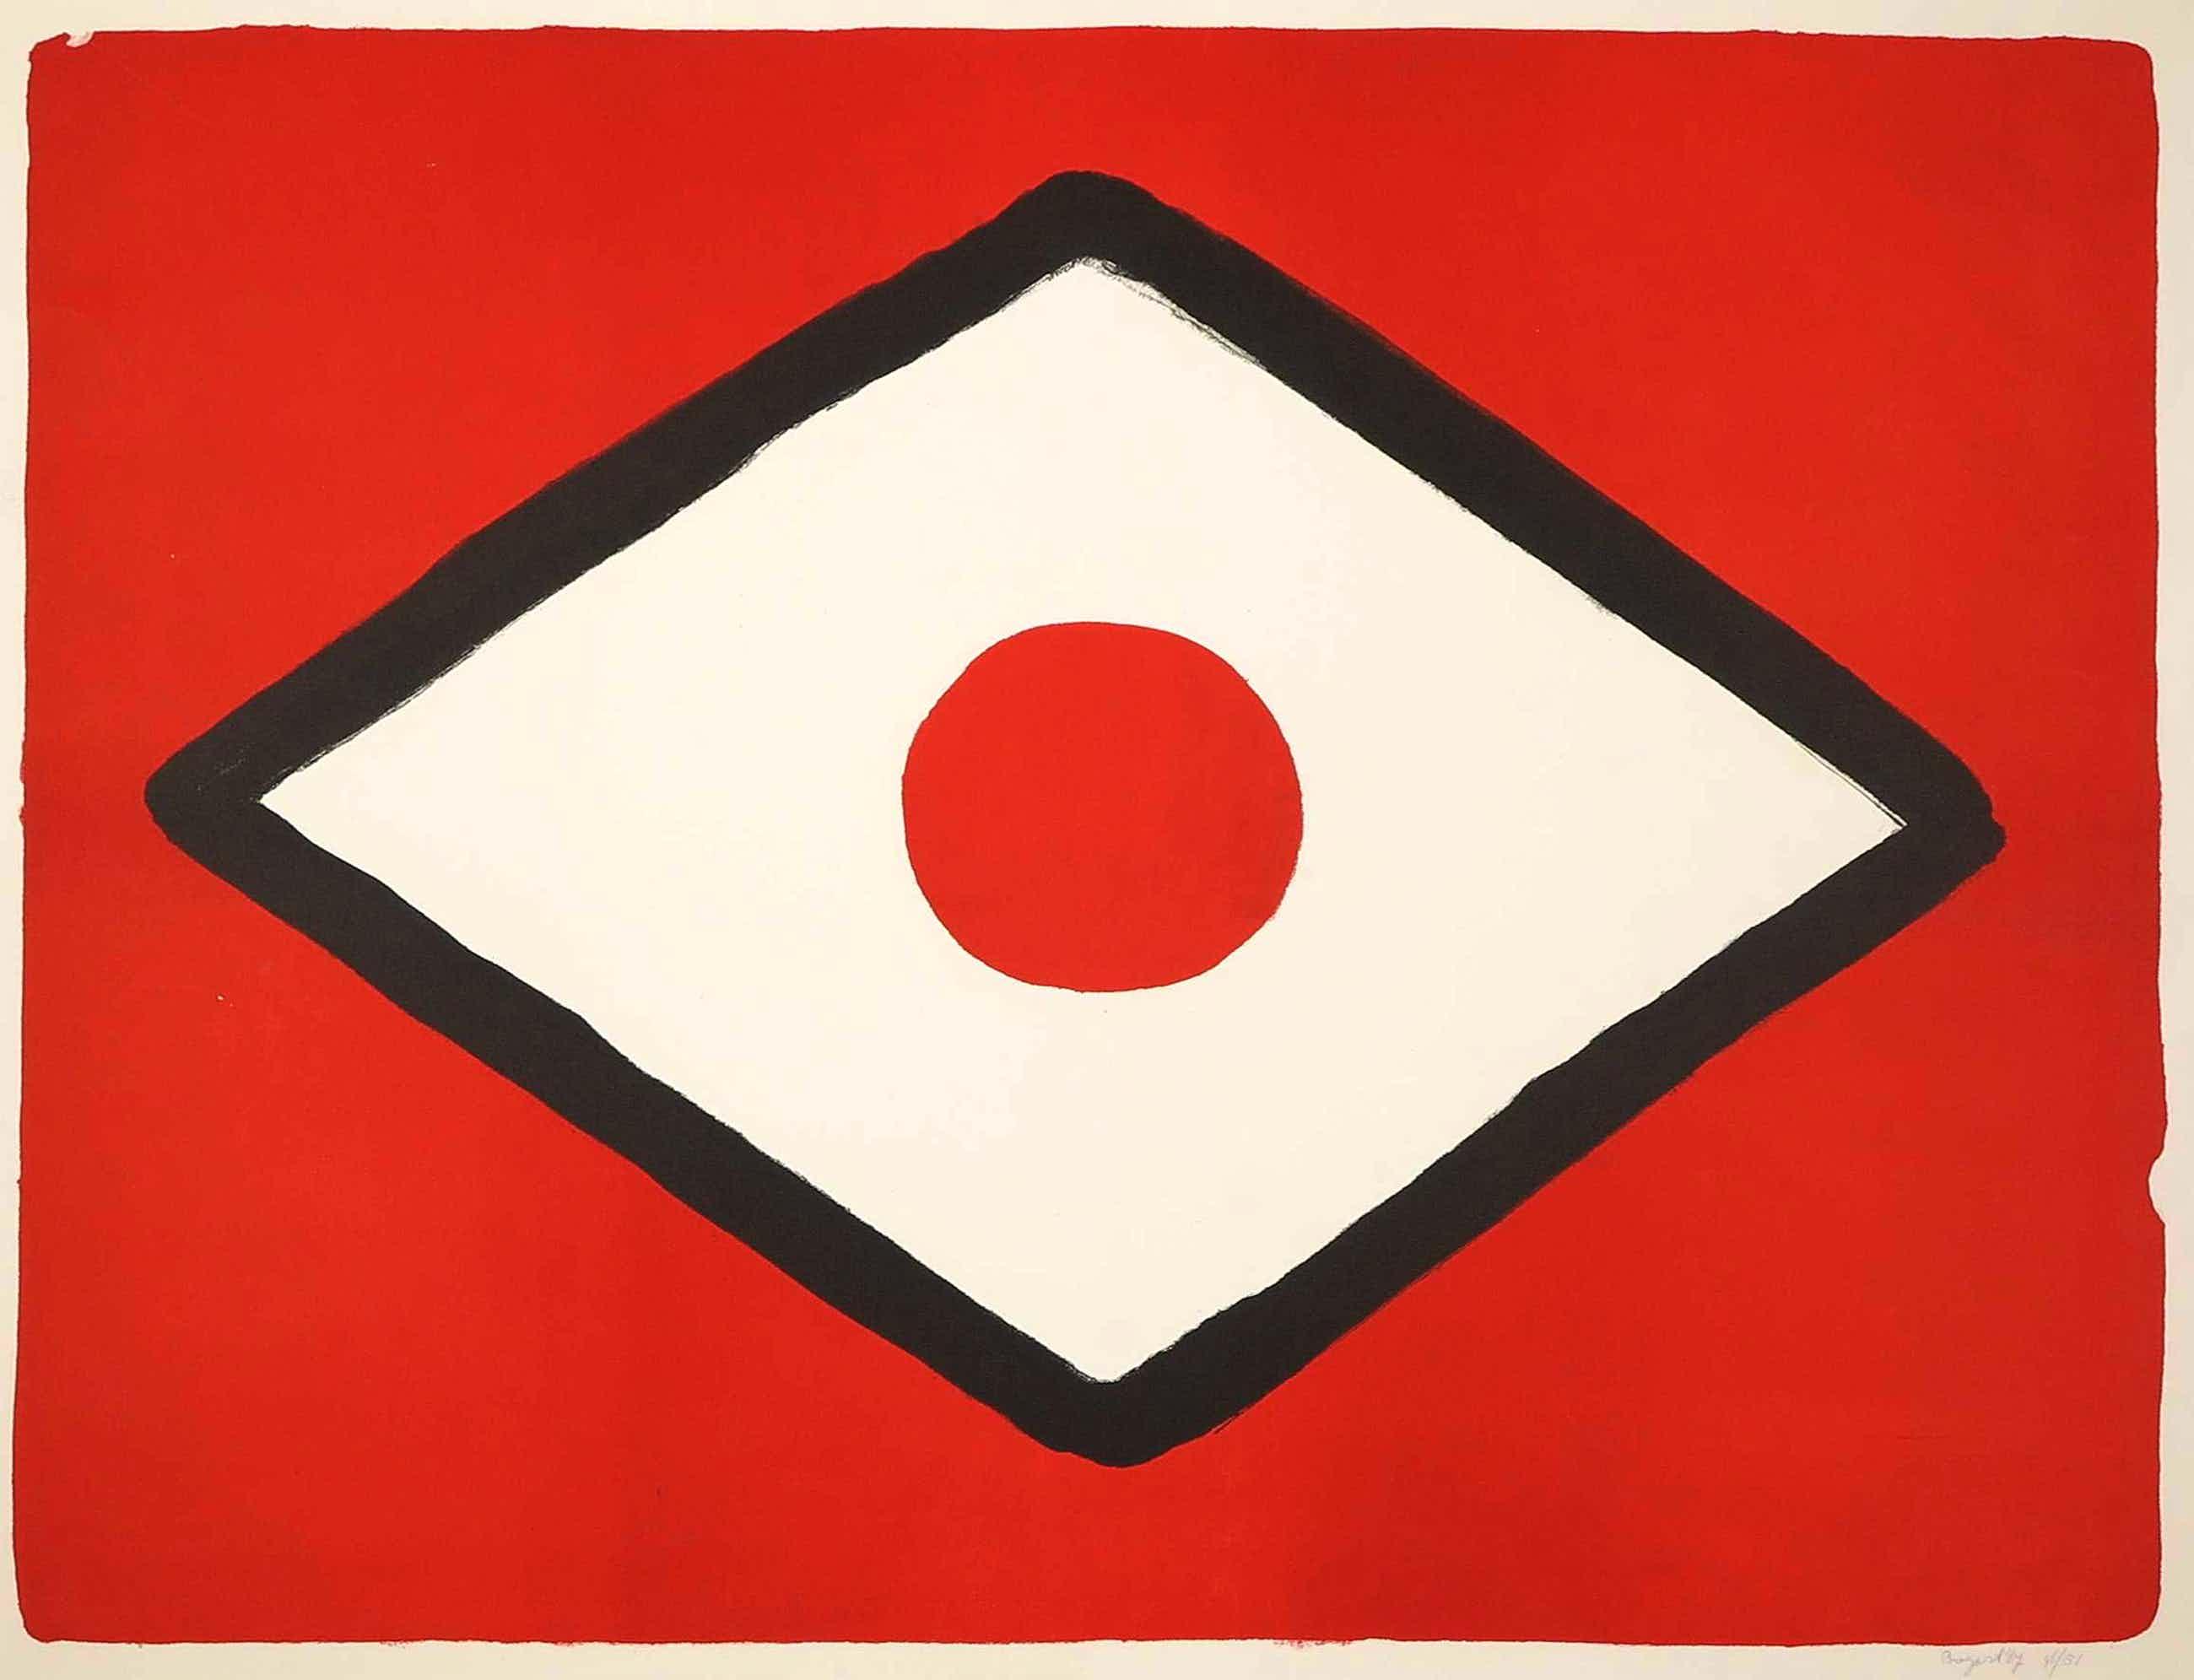 Bram Bogart - Zeefdruk, Z.T. Compositie in rood, zwart en wit kopen? Bied vanaf 320!